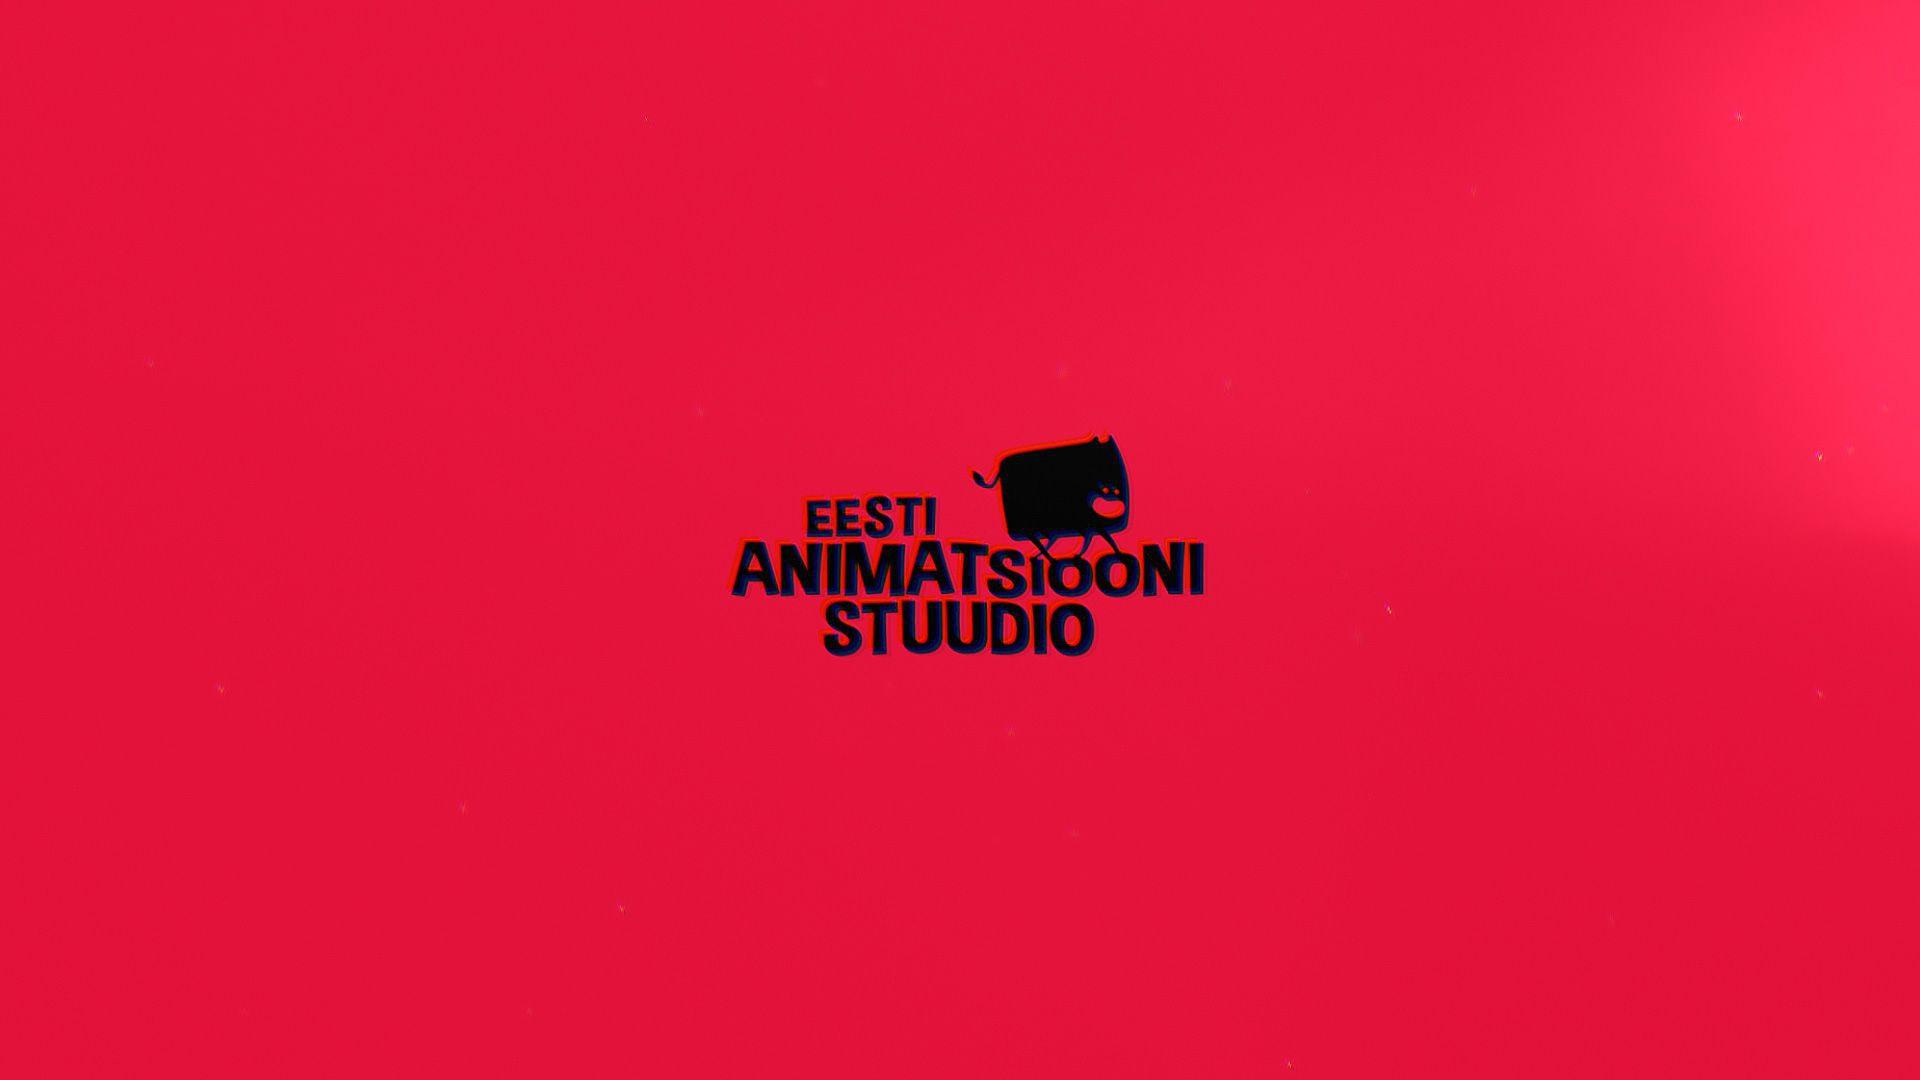 animatsioonistuudio showreel 2019